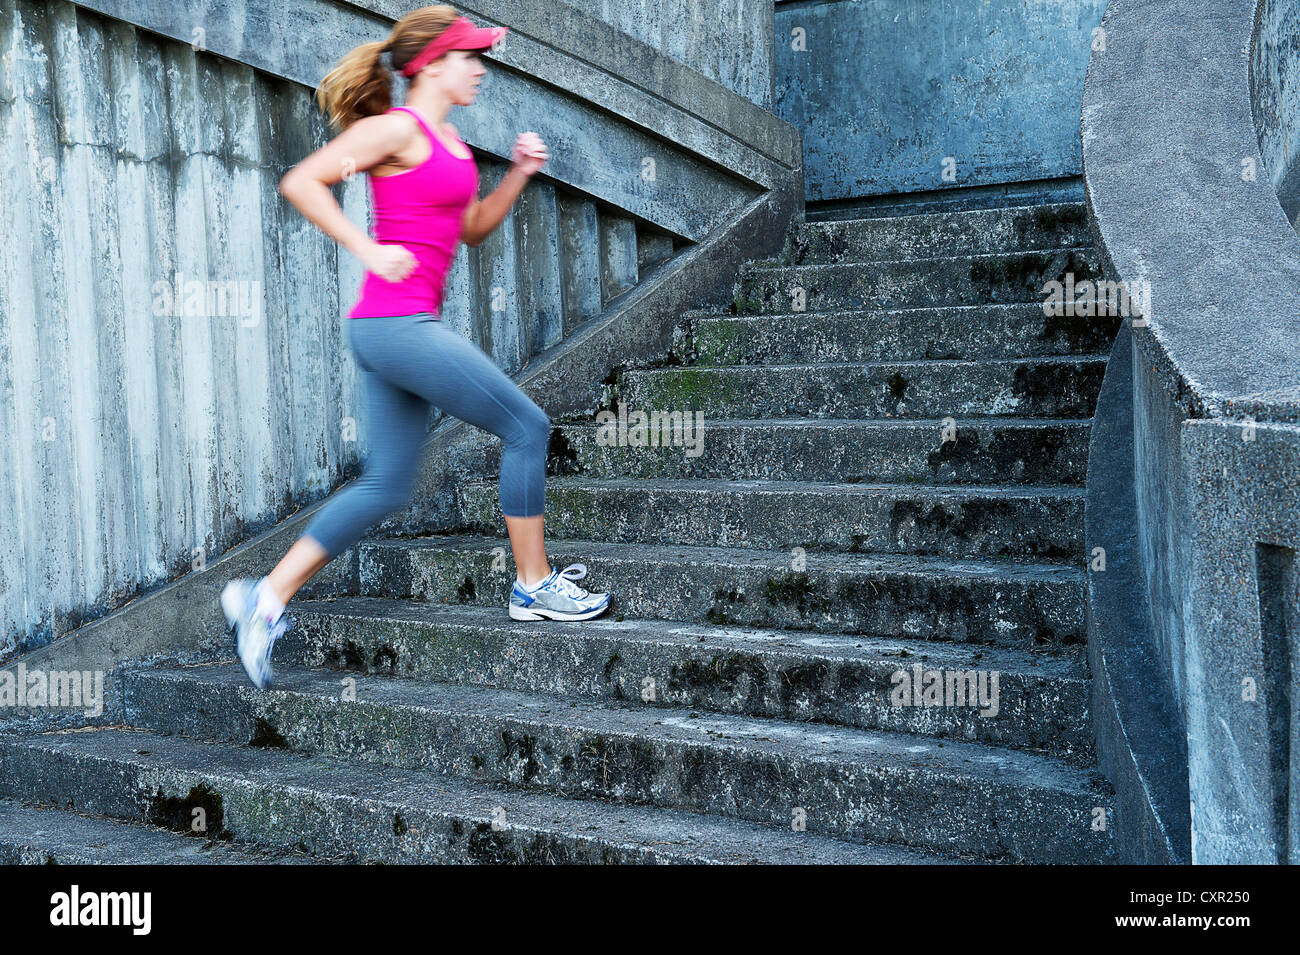 Mujer joven corriendo escaleras Imagen De Stock